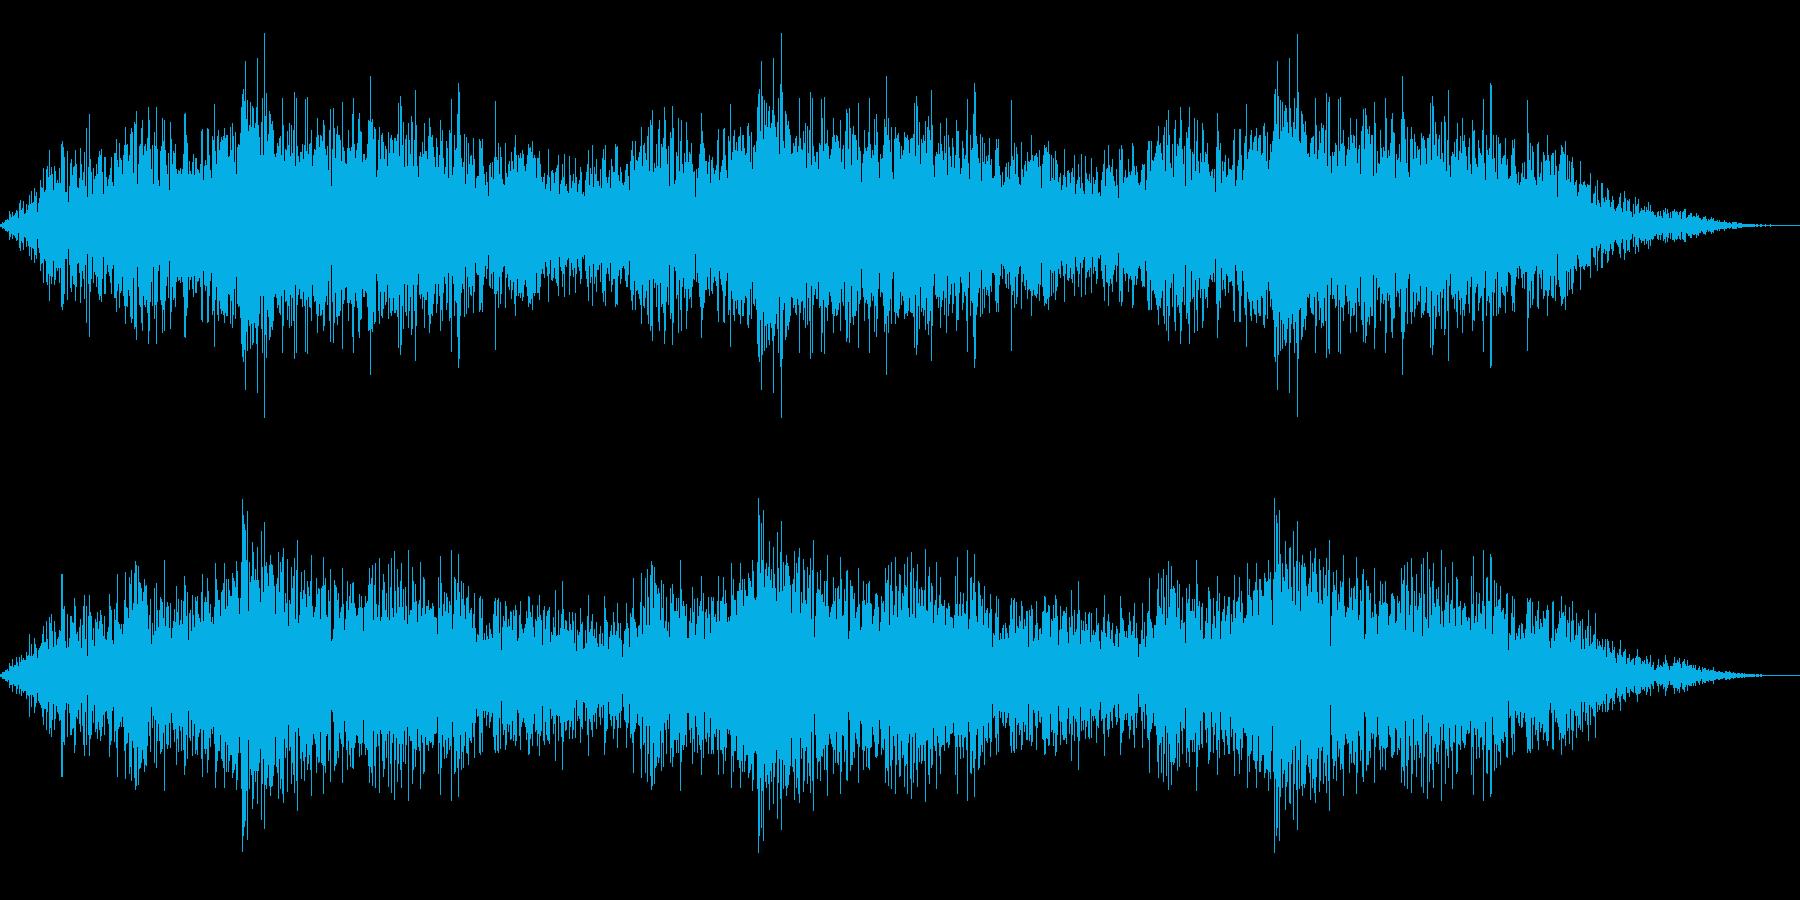 ホラー映画に出てきそうなノイズ系音源17の再生済みの波形